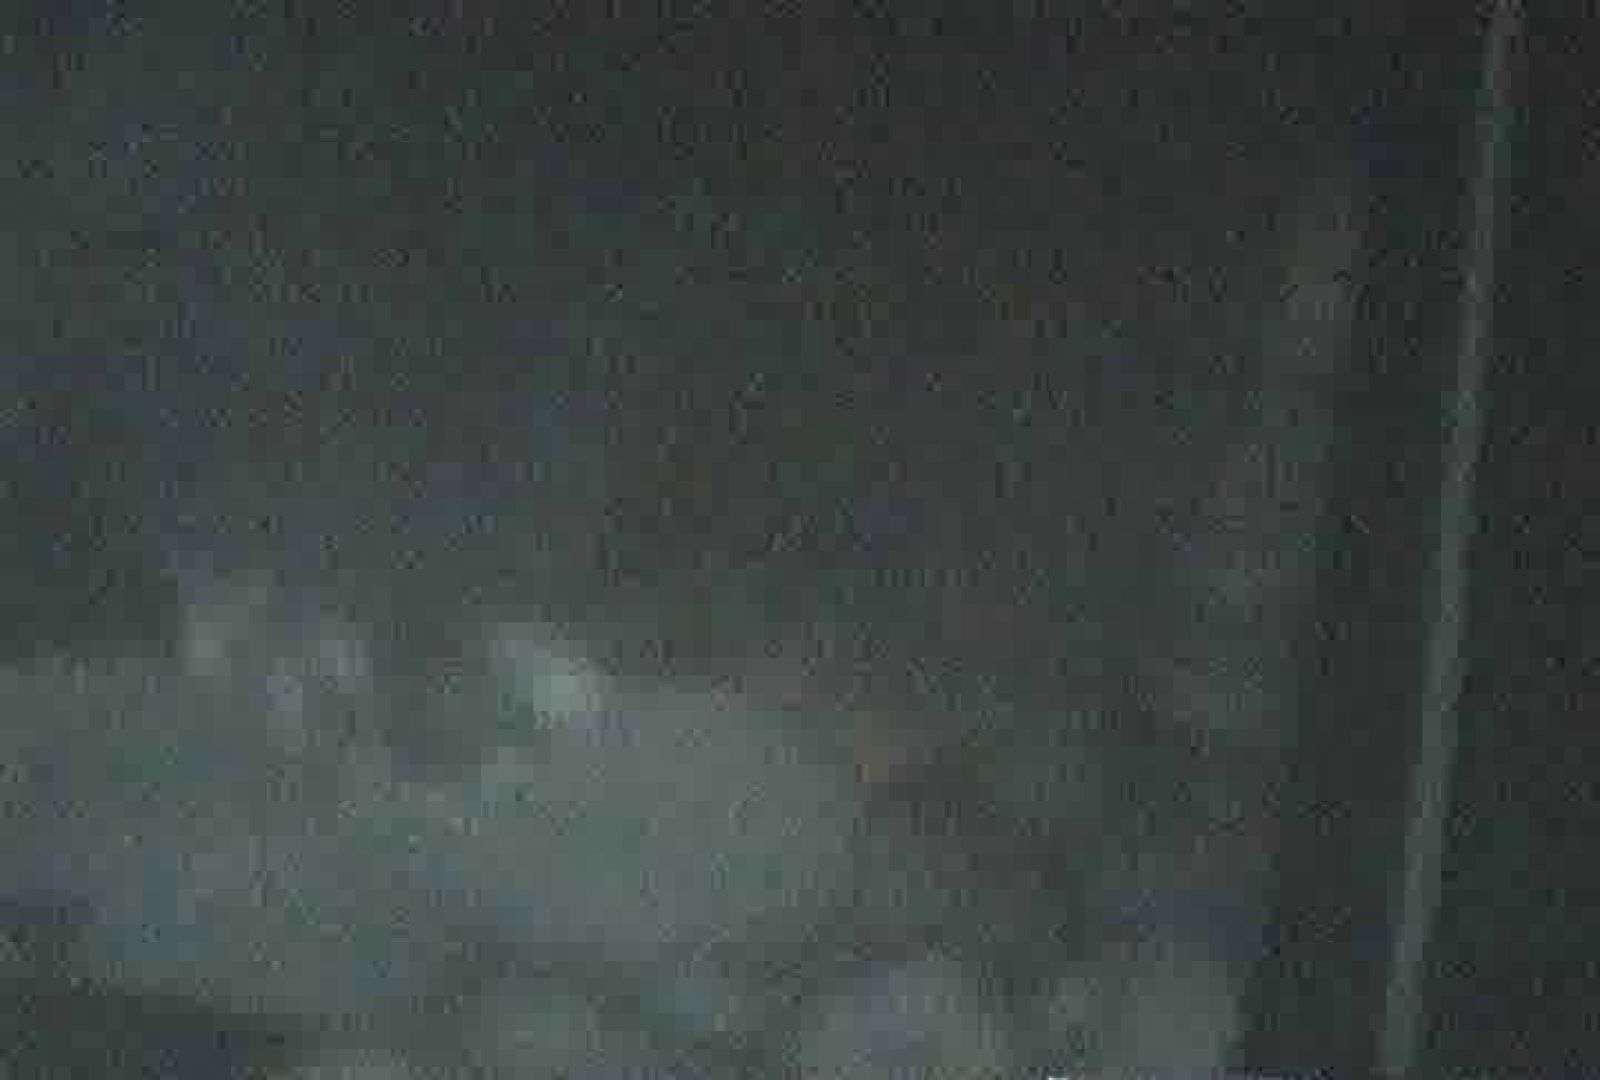 充血監督の深夜の運動会Vol.69 OLの実態 盗撮おめこ無修正動画無料 35pic 26